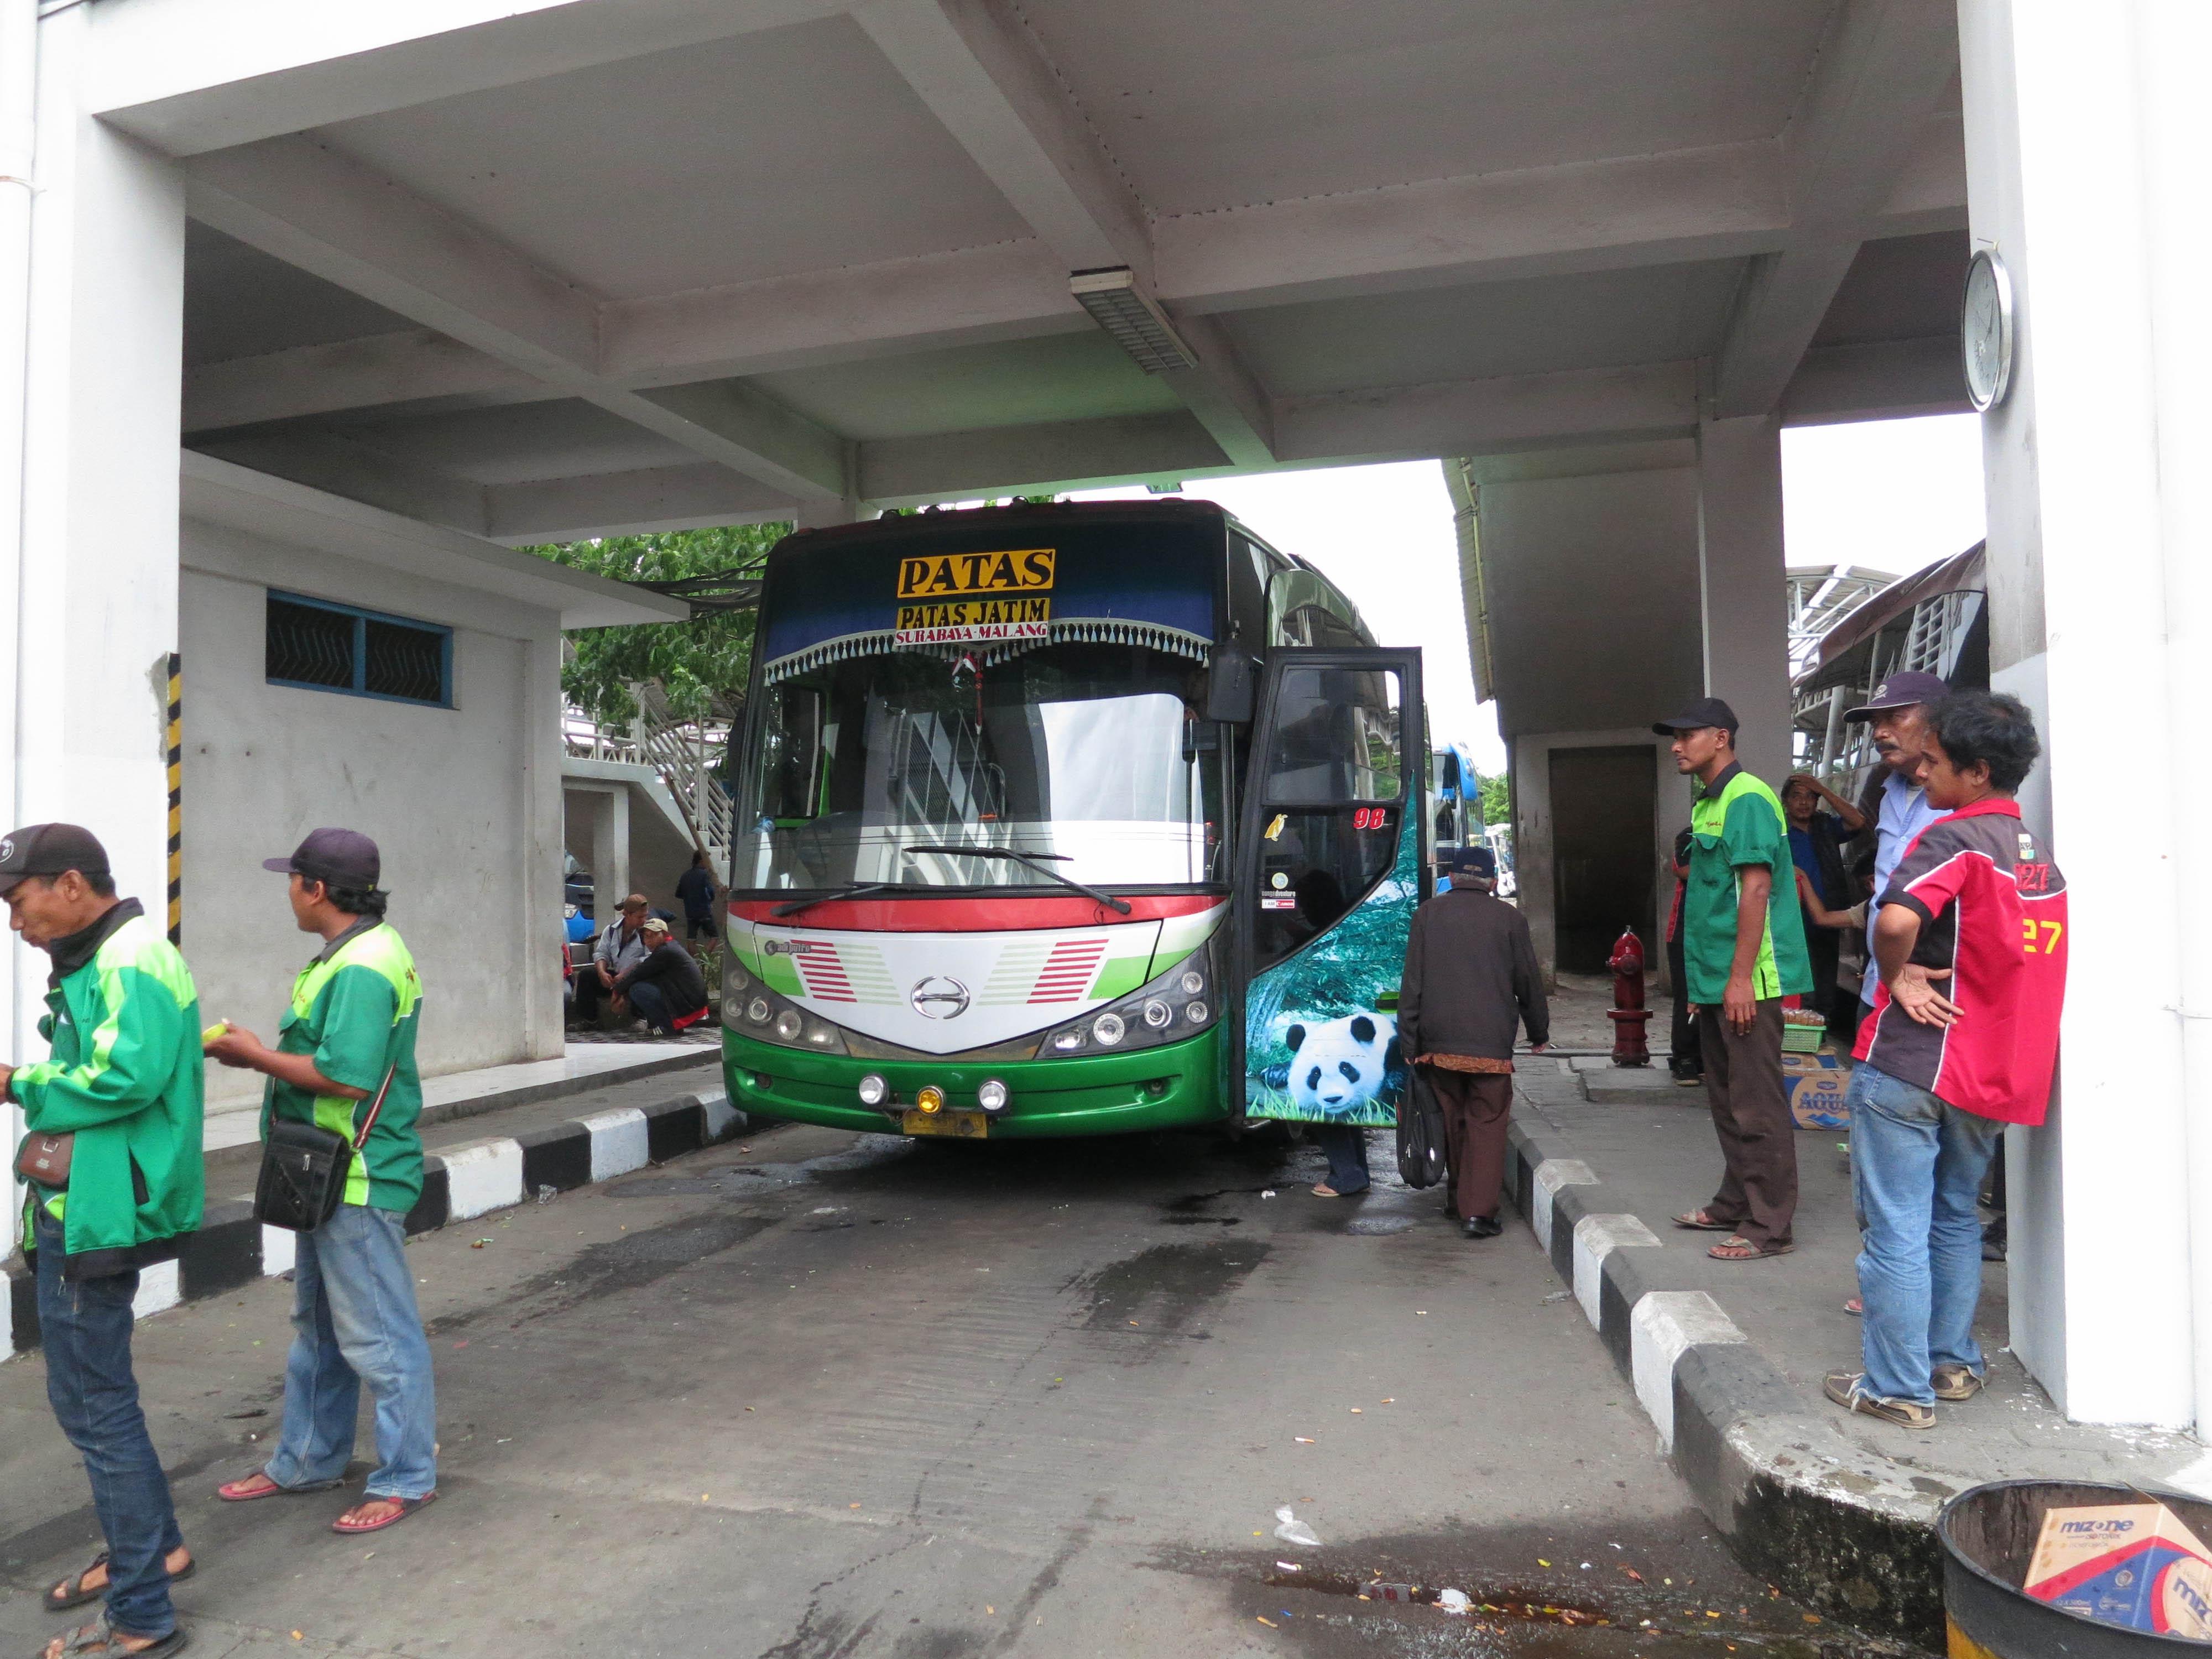 Patas bus service